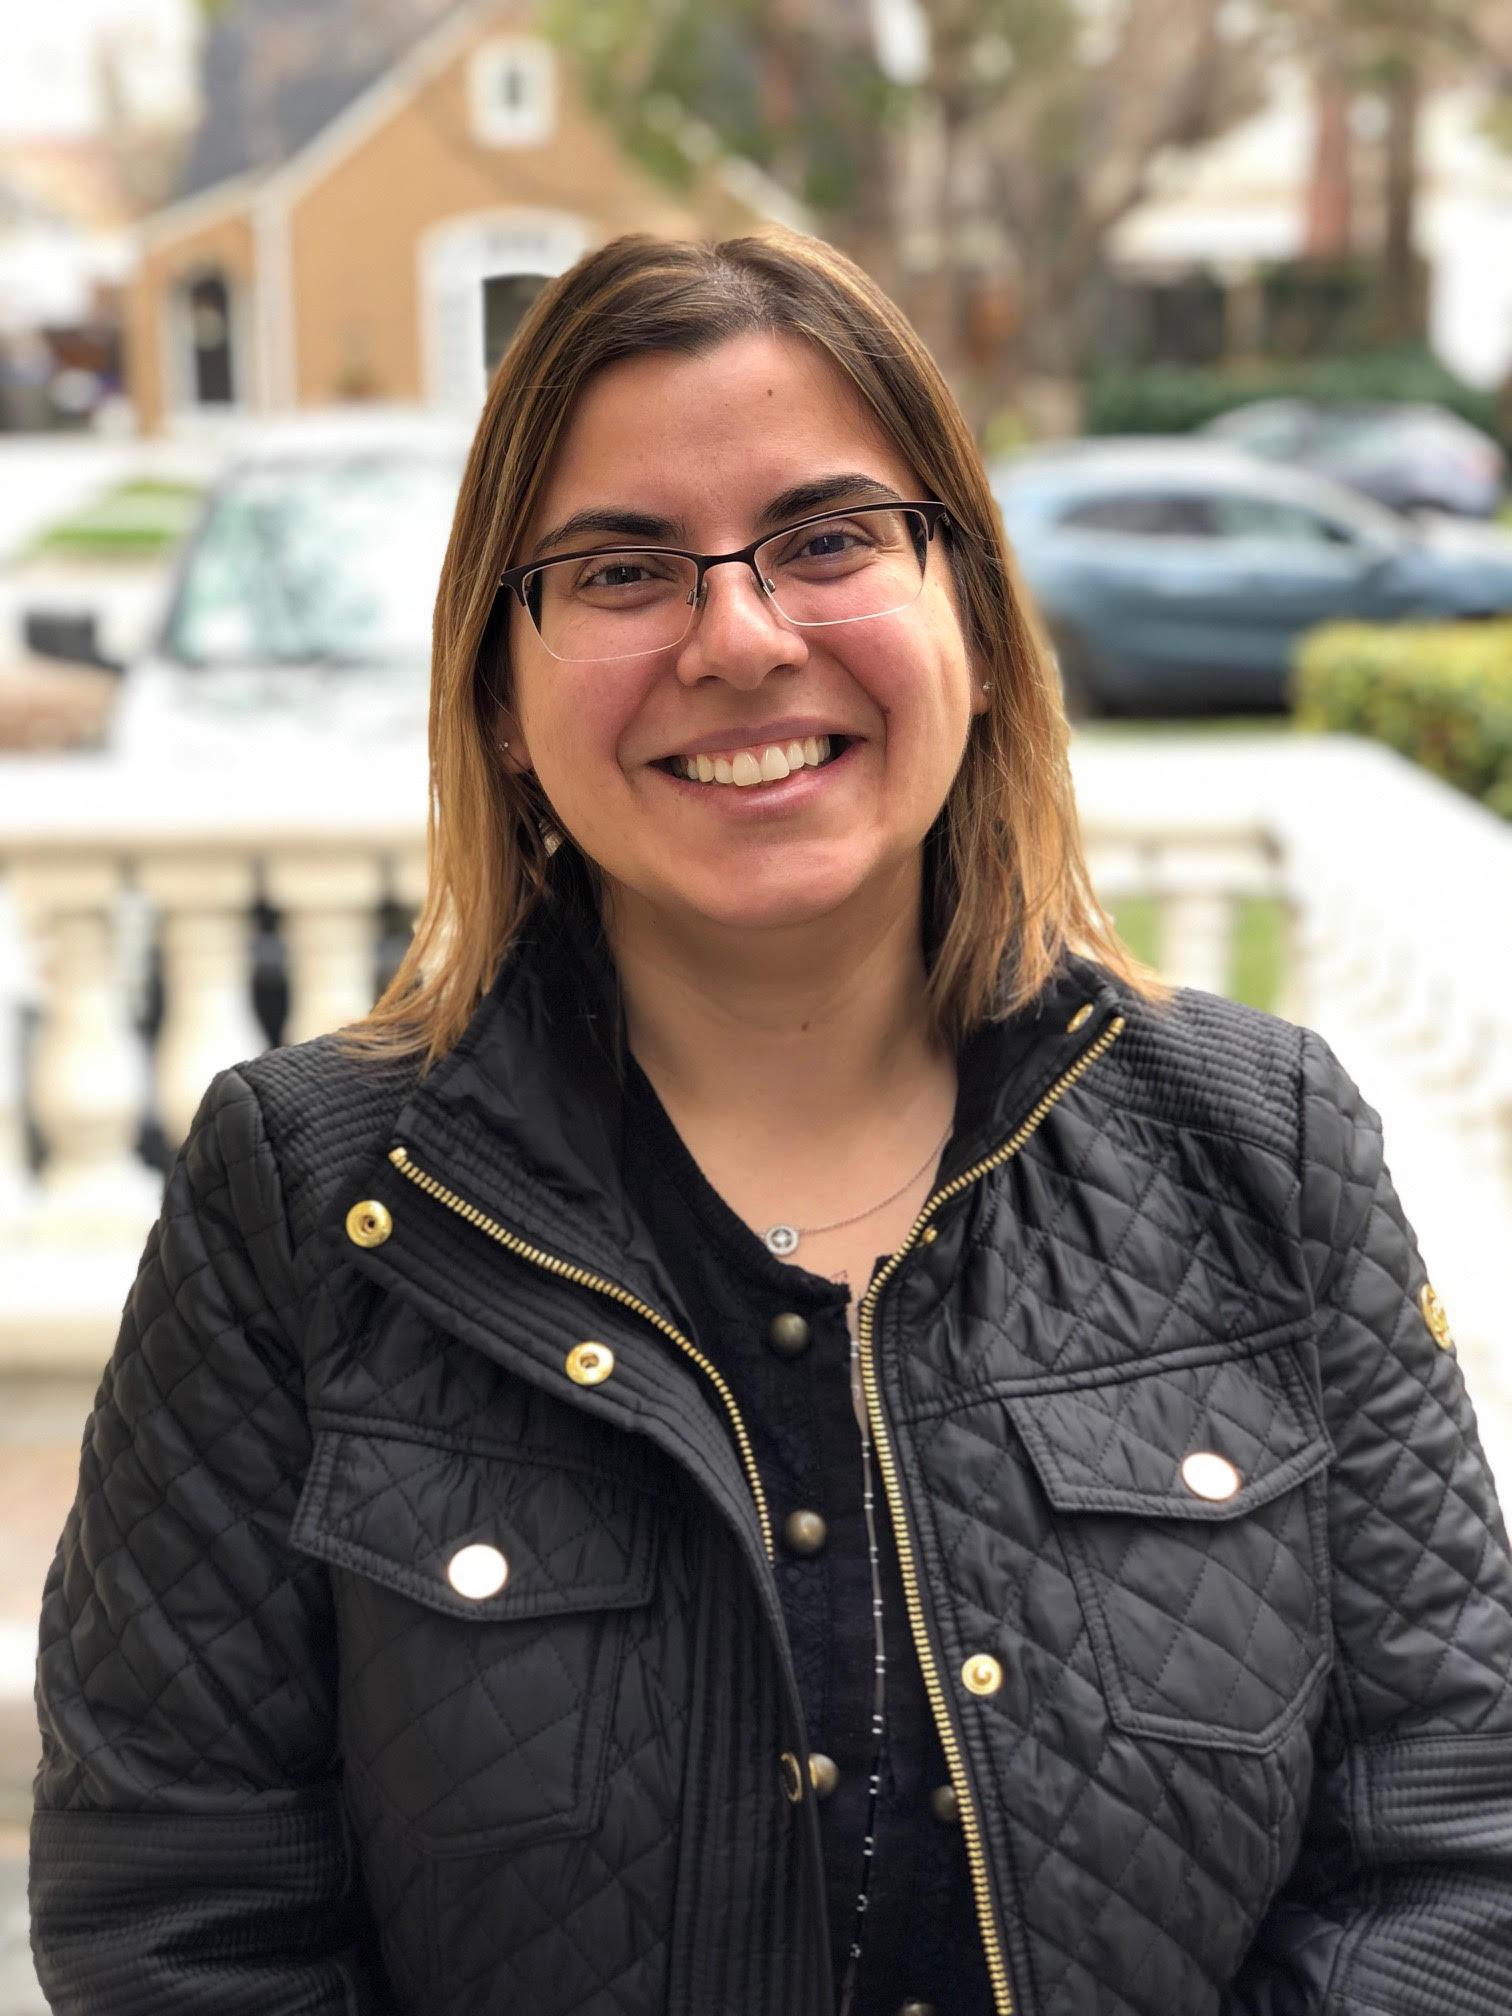 Sofia Kotsiri